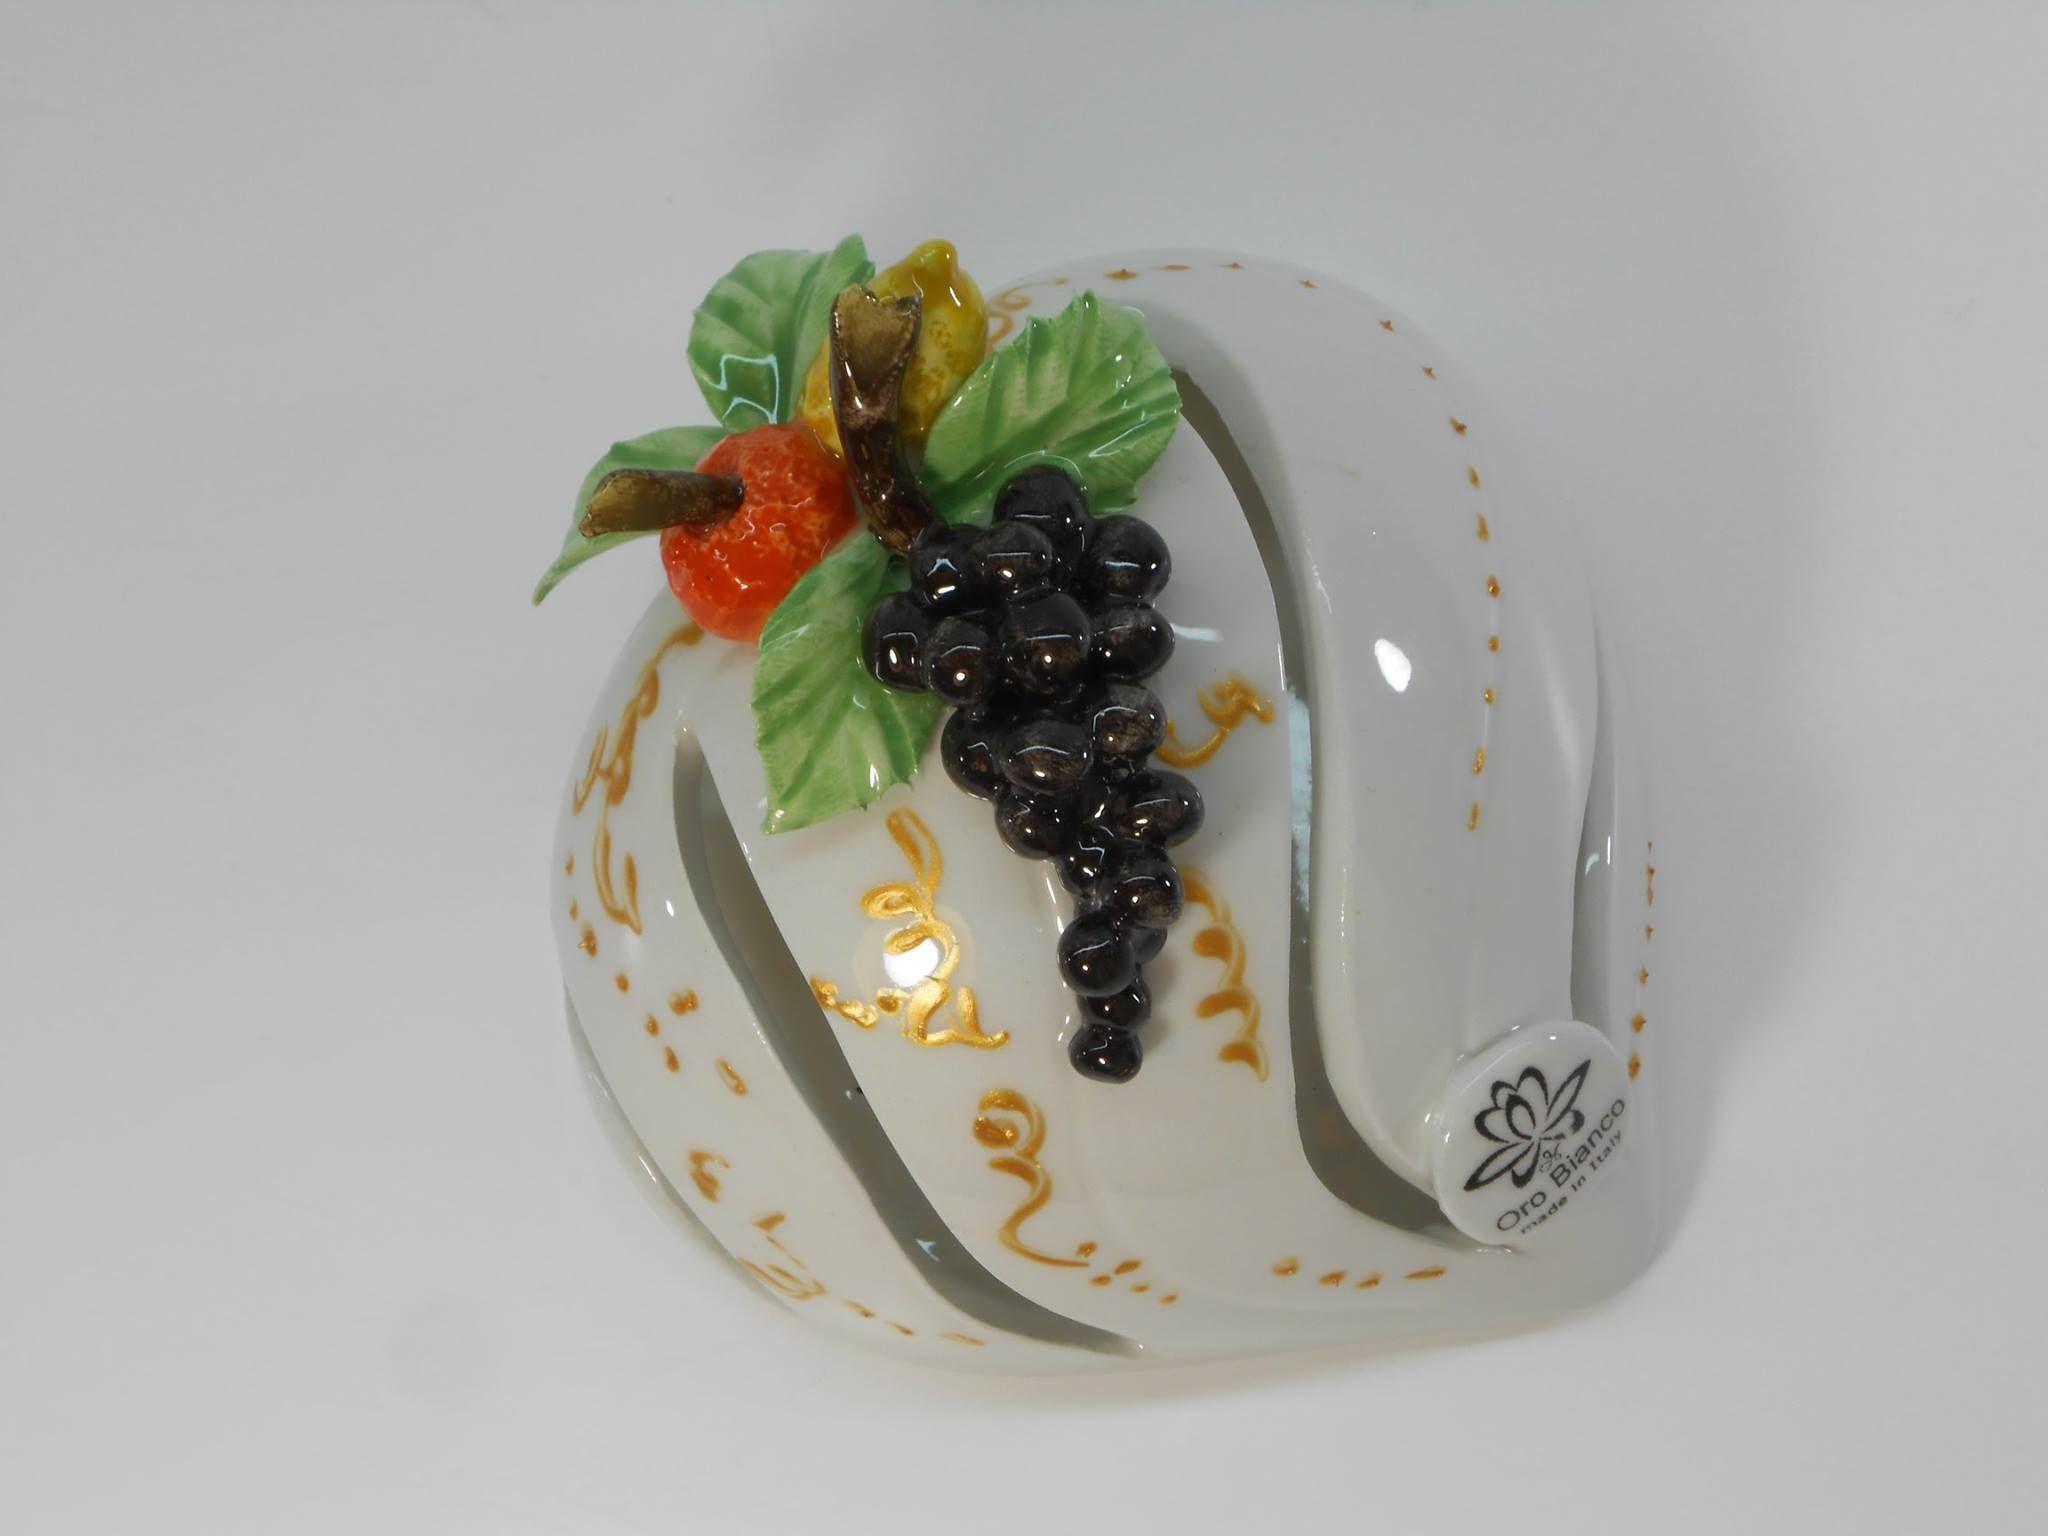 Appendino cuore da cucina in ceramica decoro frutta. | Decorazioni ...